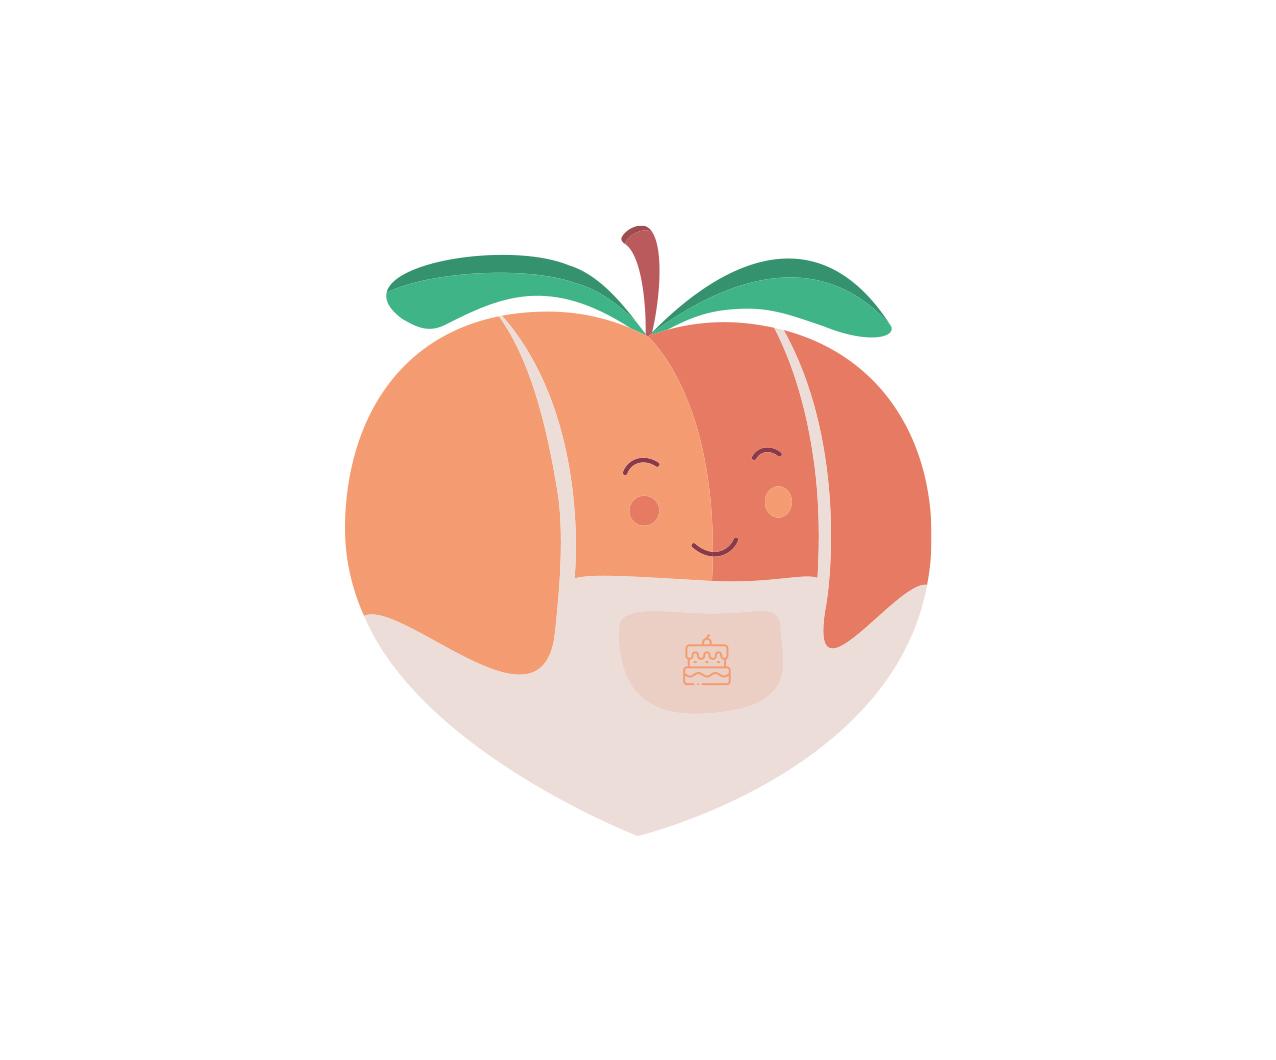 Peach Patisserie peach in apron brand icon design